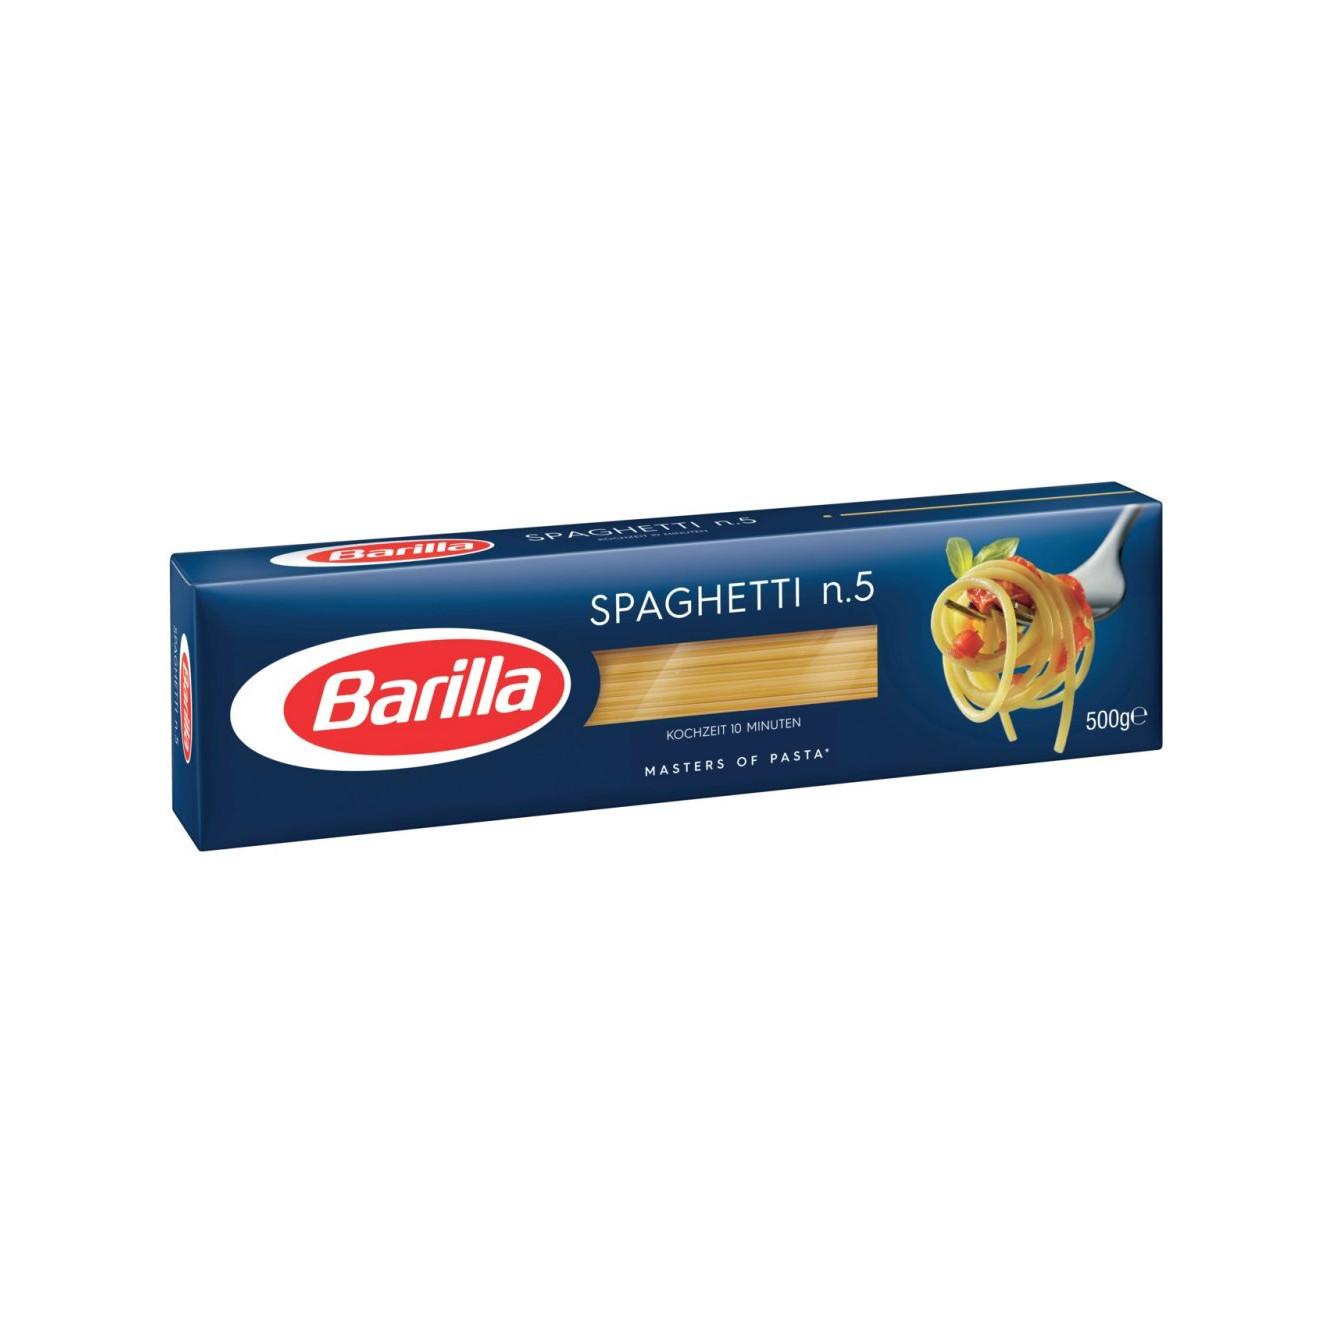 Spaghetti no 5